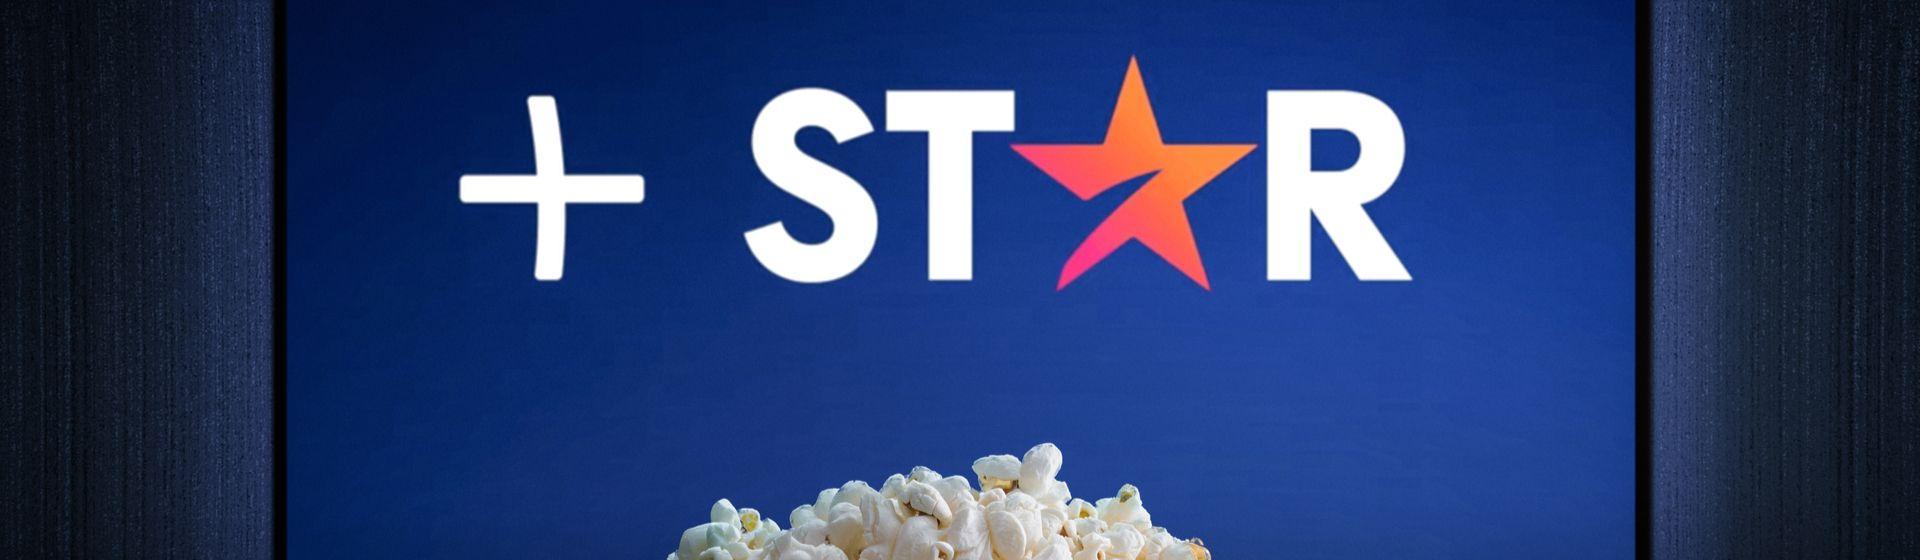 Logo do Star Plus aberto em TV.